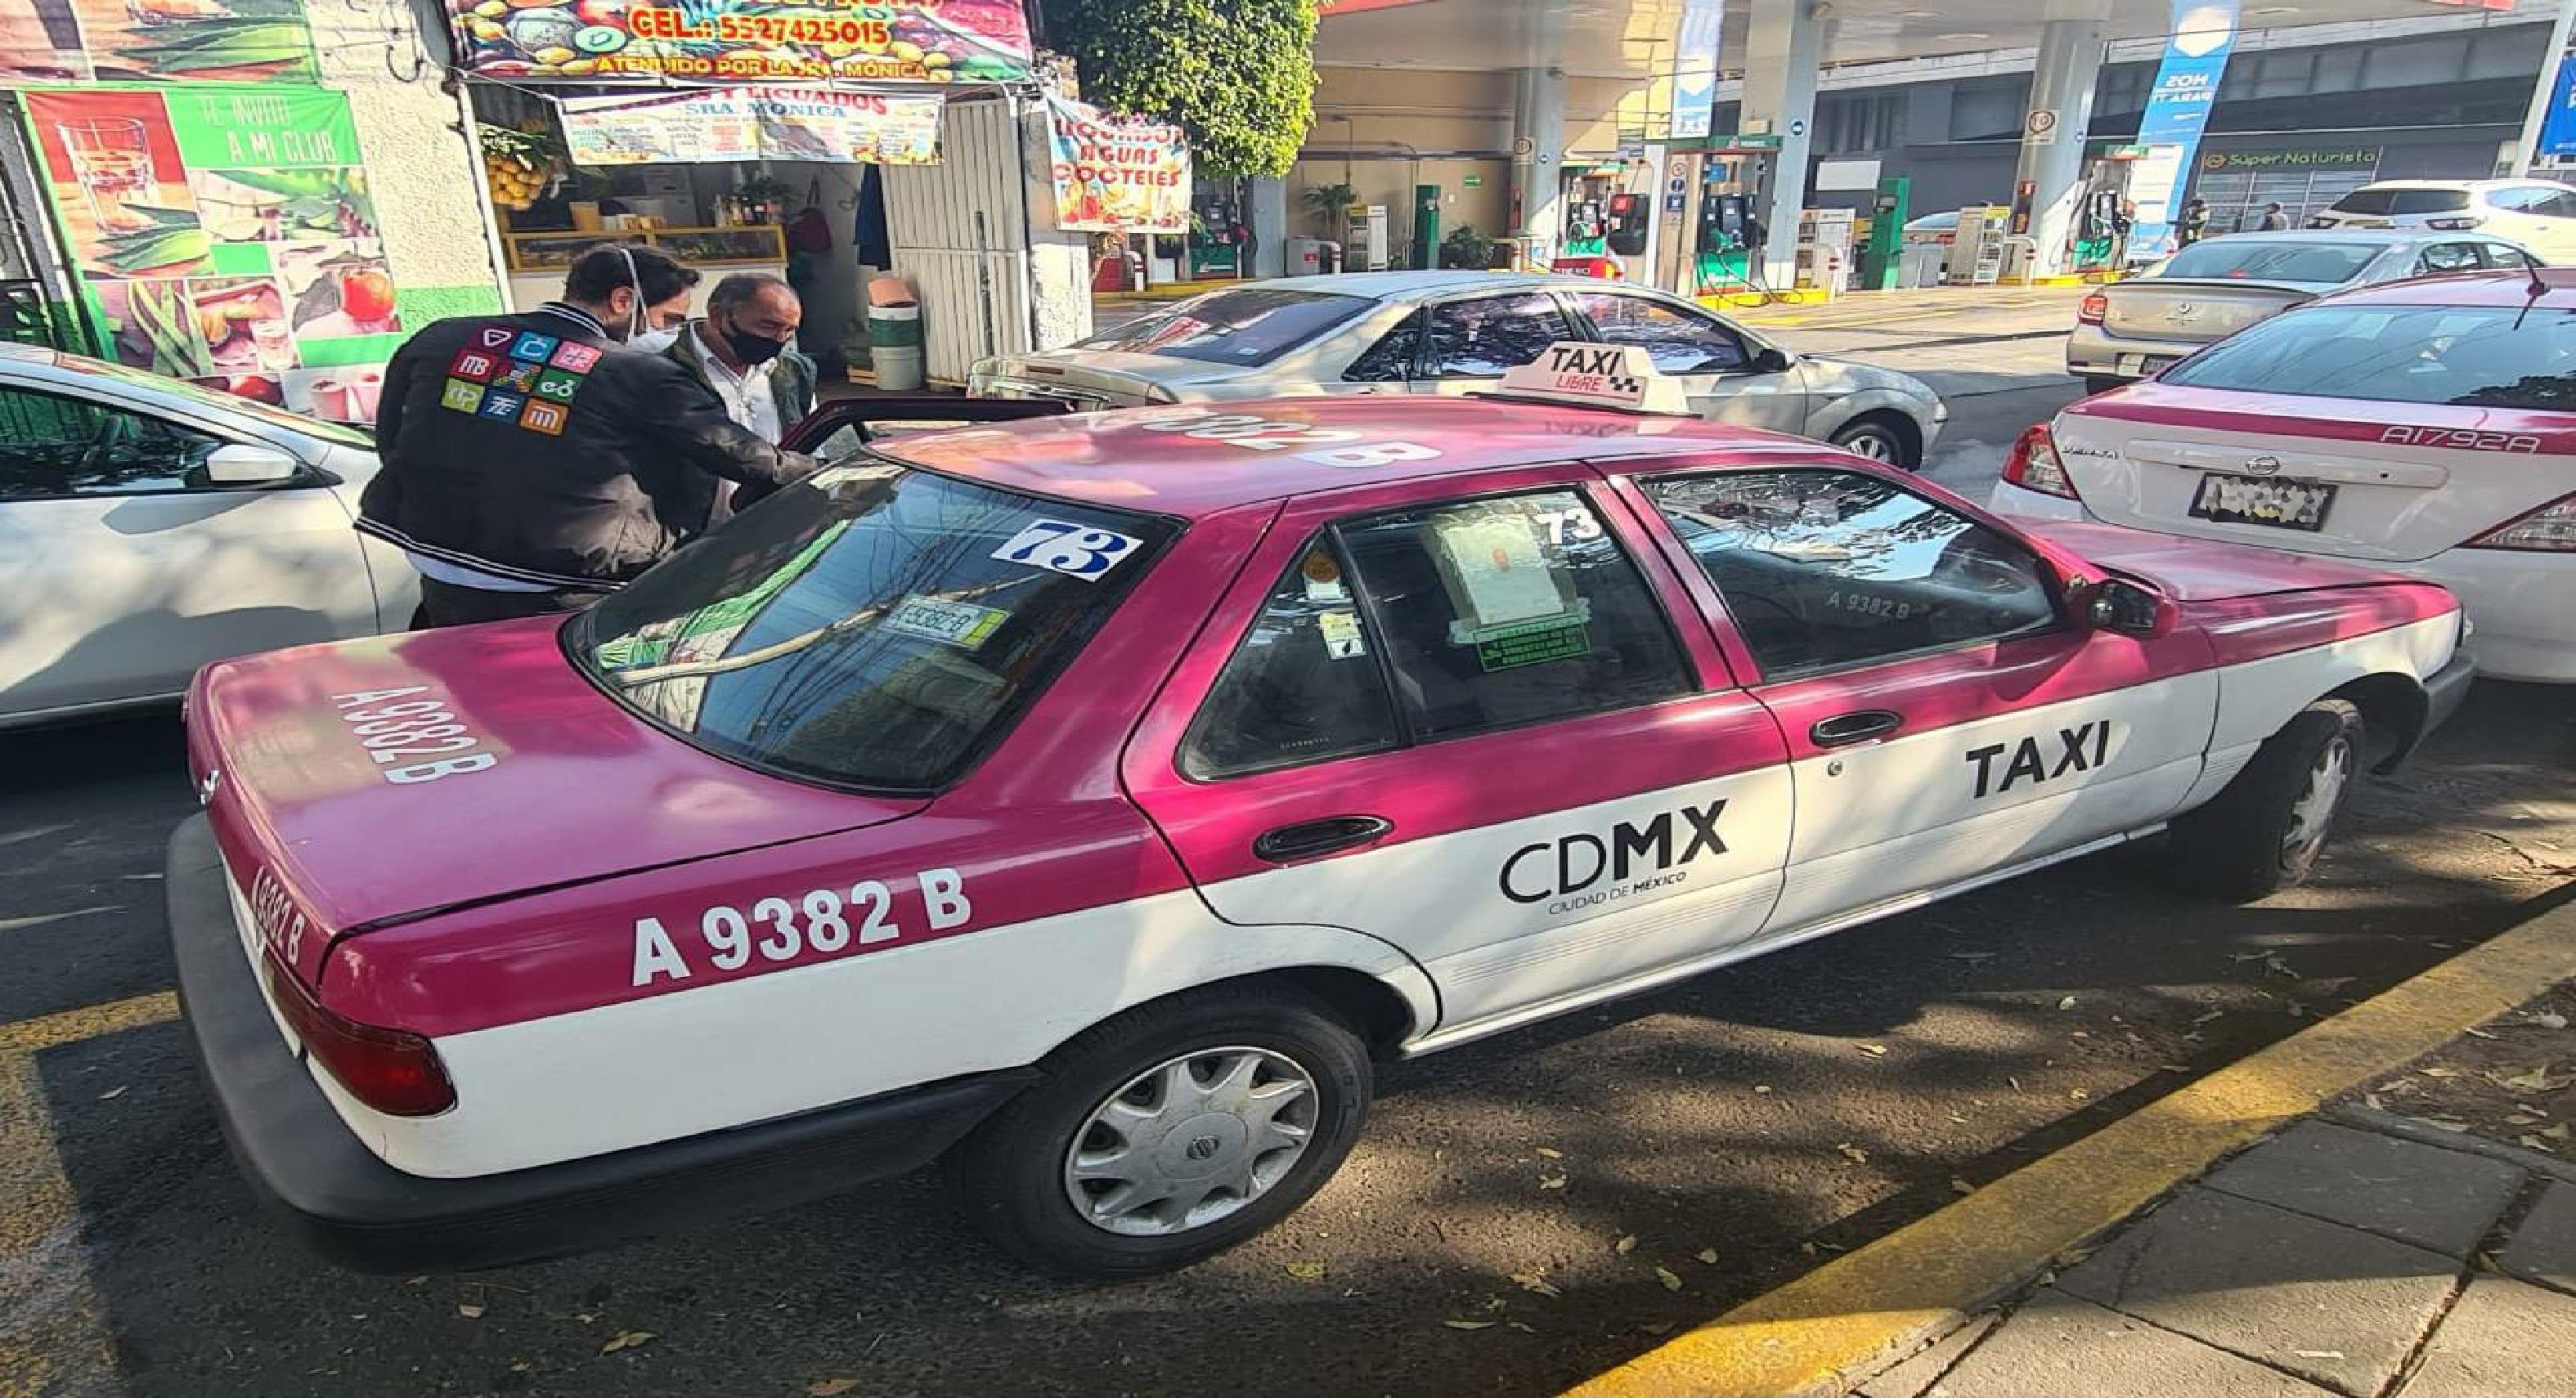 Habilitan citas digitales para trámites vehiculares en CDMX || Consúltalos aquí